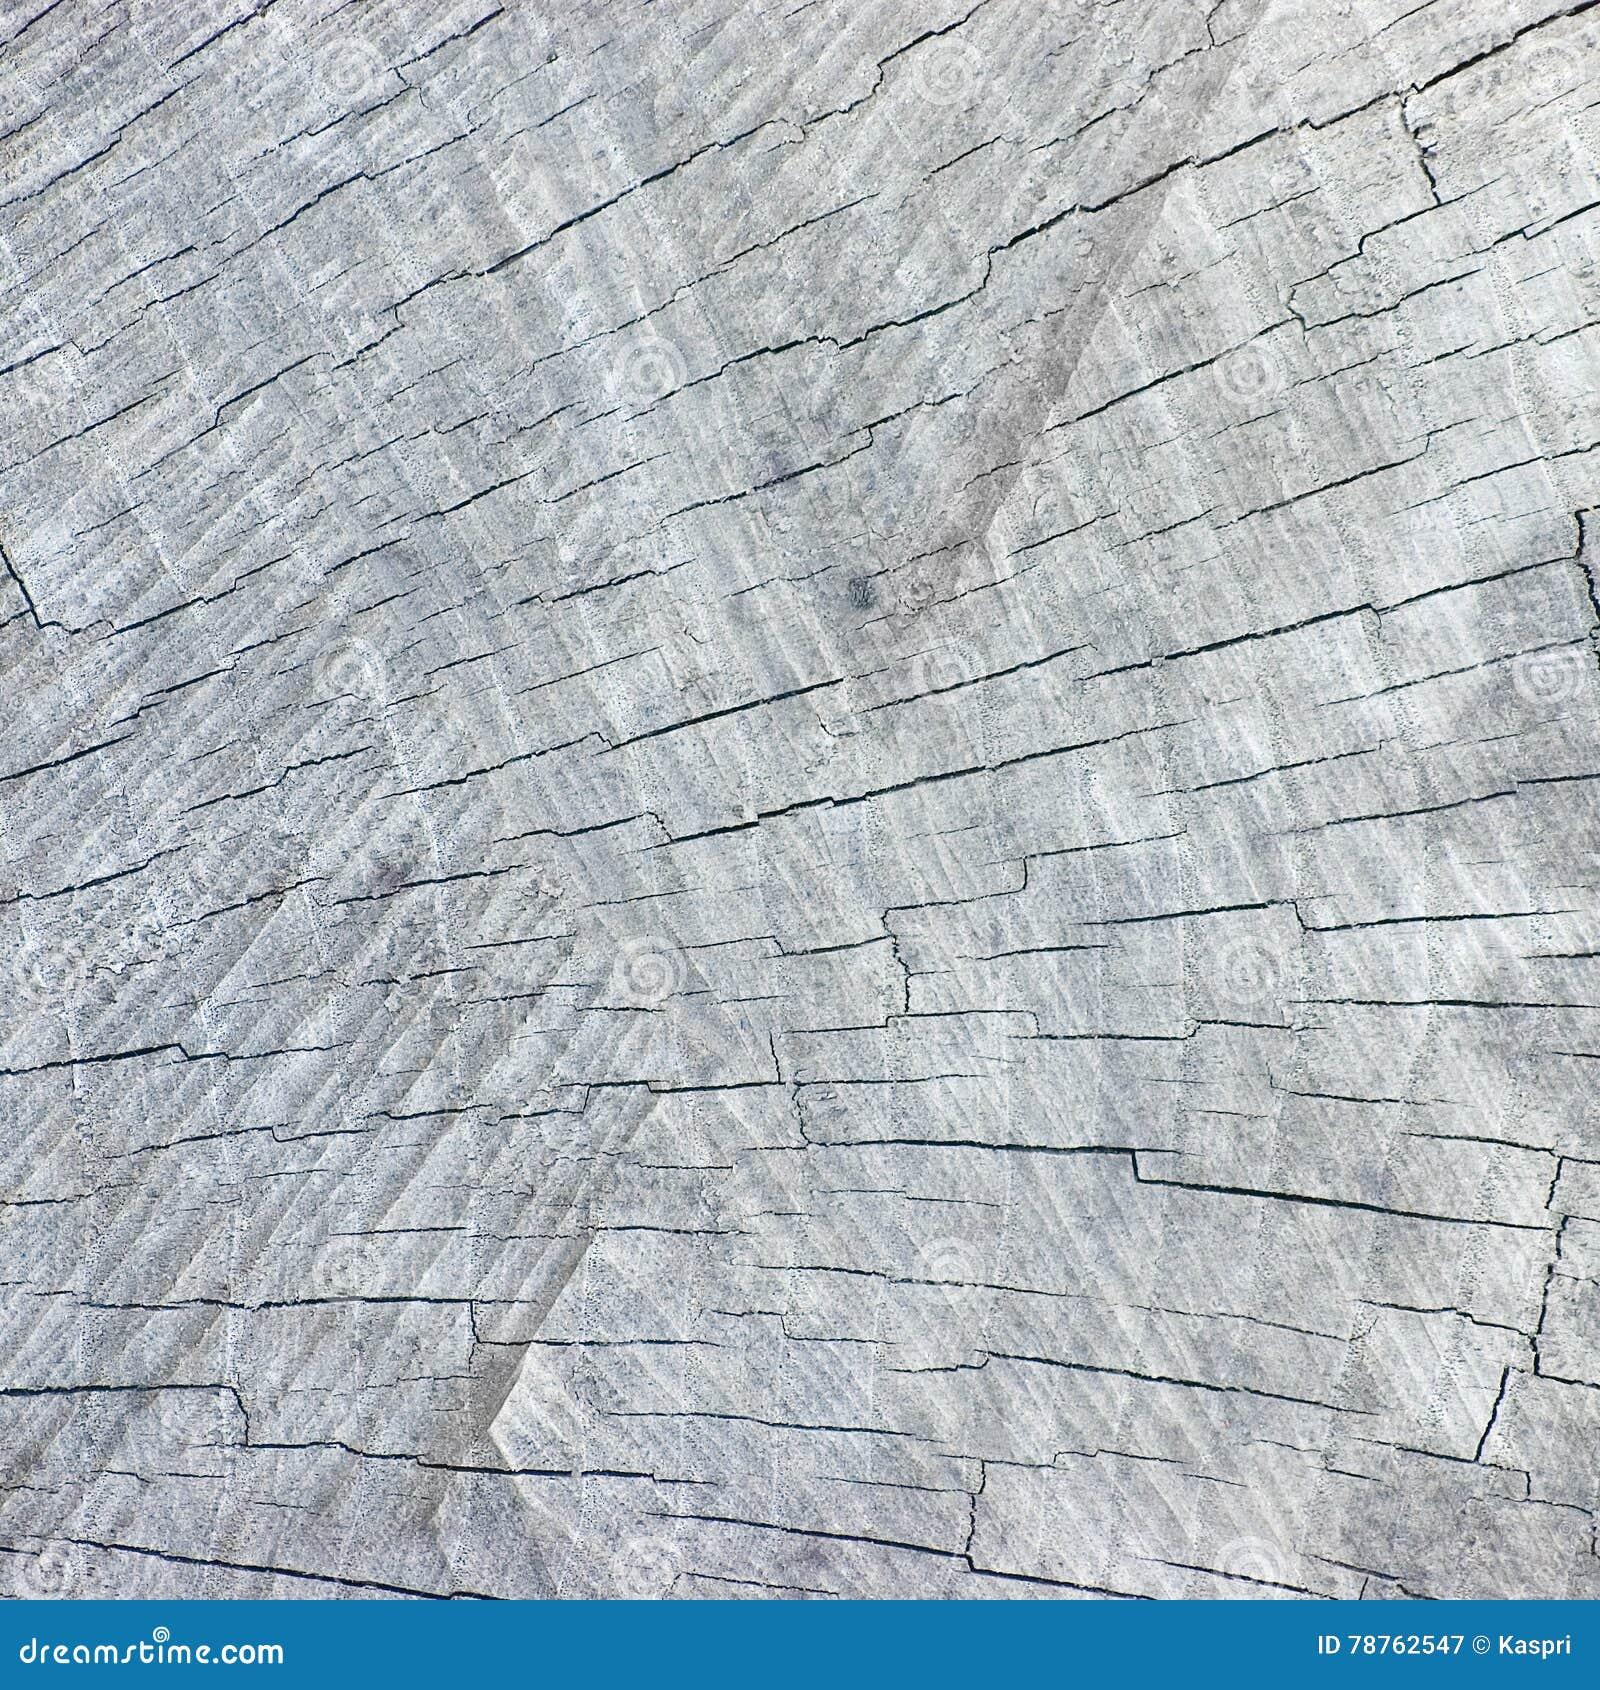 Grey Tree Stump Cut Texture rachado resistido natural, detalhado close up Textured grande fundo do teste padrão